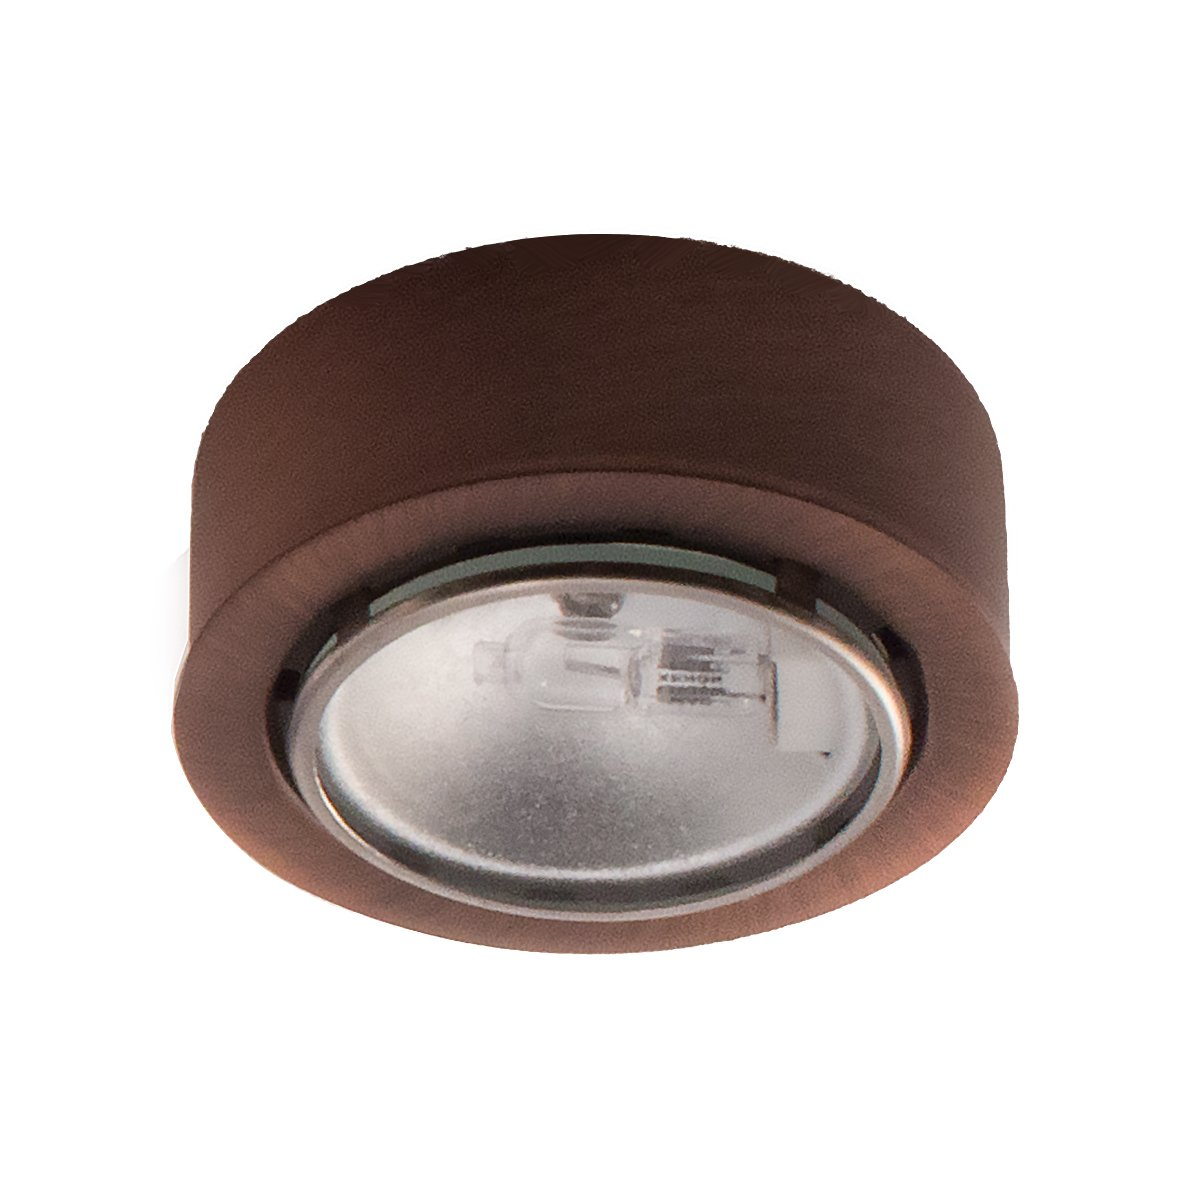 WAC Lighting HR-86-CB Low Voltage Round Xenon Button, 12V 20W